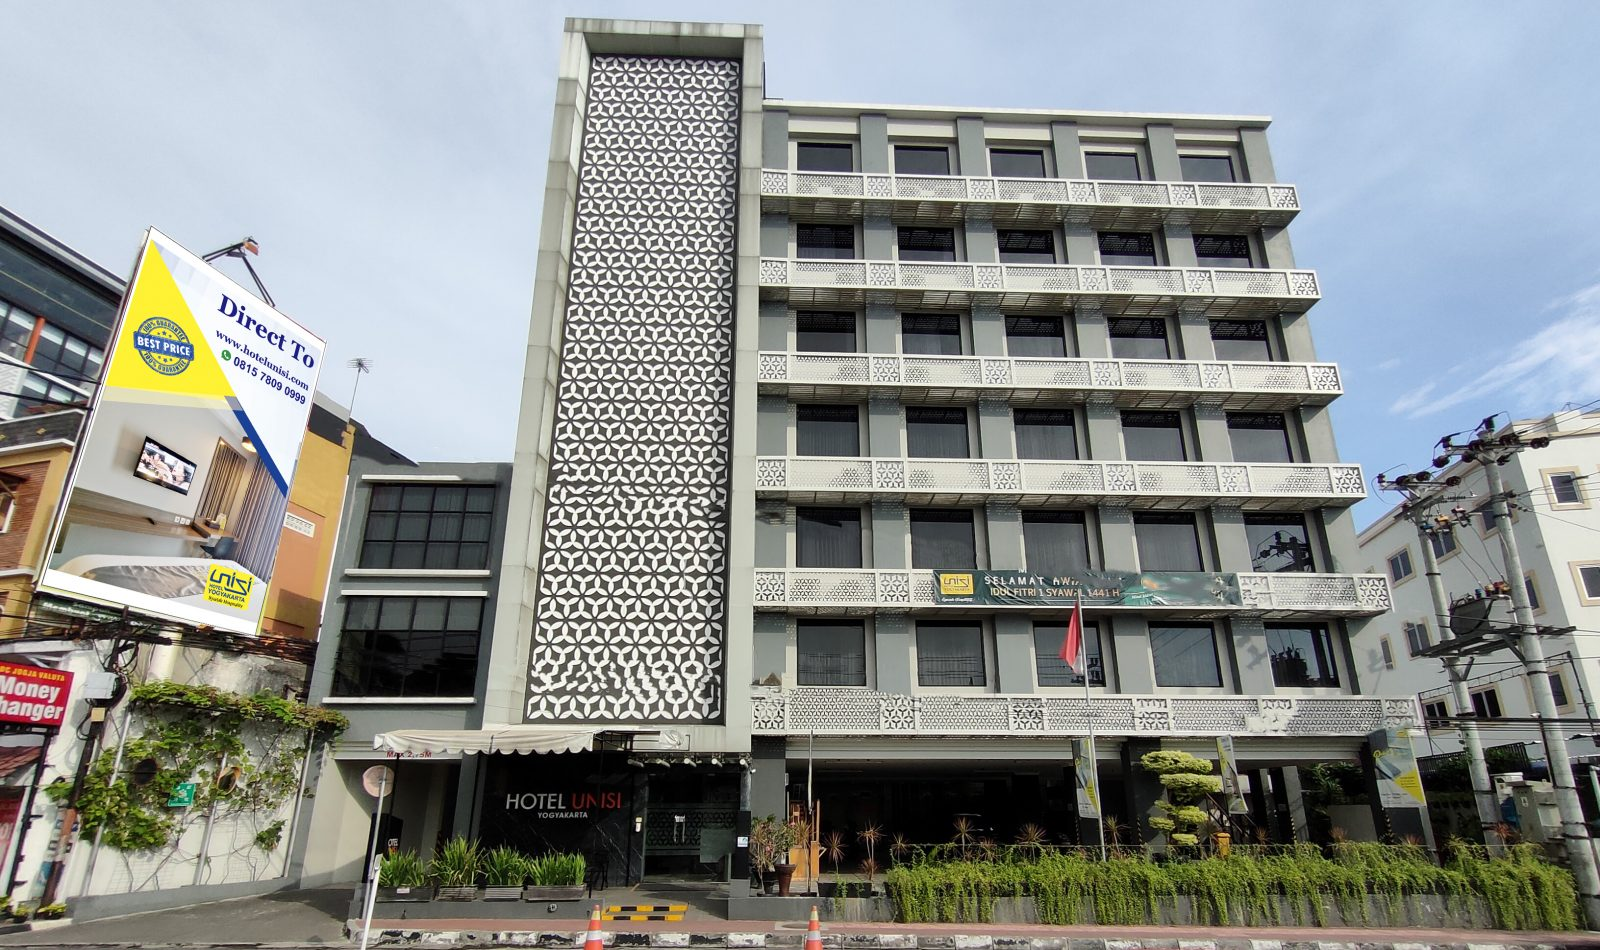 Hotel Unisi